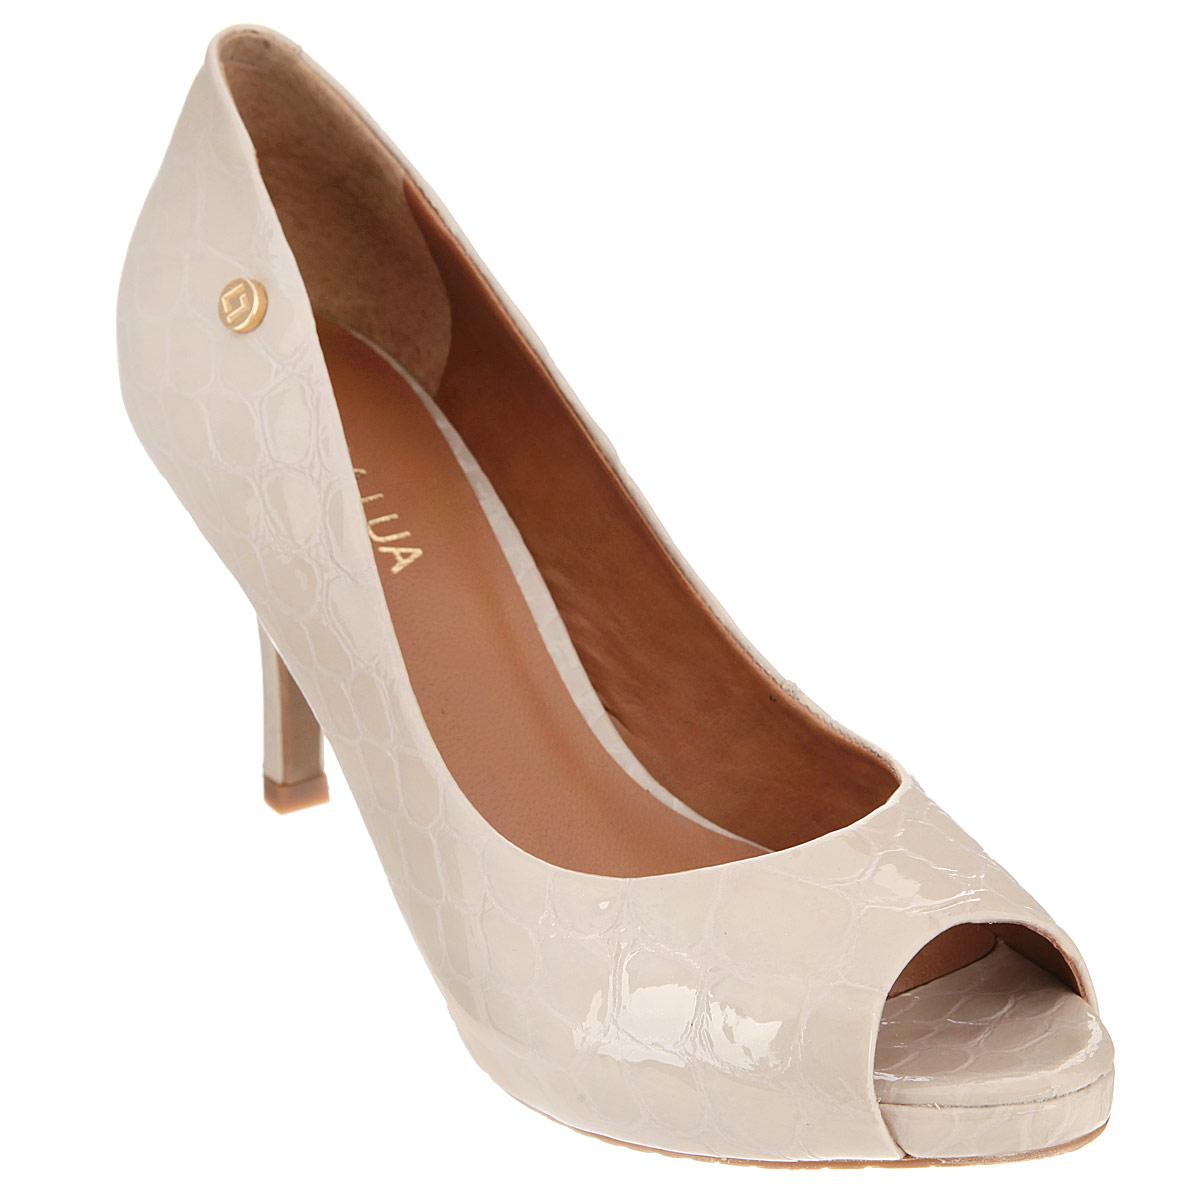 Туфли женские. S25236CV25S25236CV25Ультрамодные туфли от Luz Da Lua не оставят равнодушной ни одну женщину! Модель выполнена из натуральной лакированной кожи и оформлена тиснением под кожу рептилии, круглой металлической пластиной с логотипом бренда на боковой стороне. Открытый носок смотрится невероятно женственно. Стелька из натуральной кожи гарантирует комфорт и удобство при ходьбе. Высота каблука компенсирована скрытой платформой. Рифление на подошве защищает изделие от скольжения. Изысканные туфли внесут элегантные нотки в ваш модный образ.